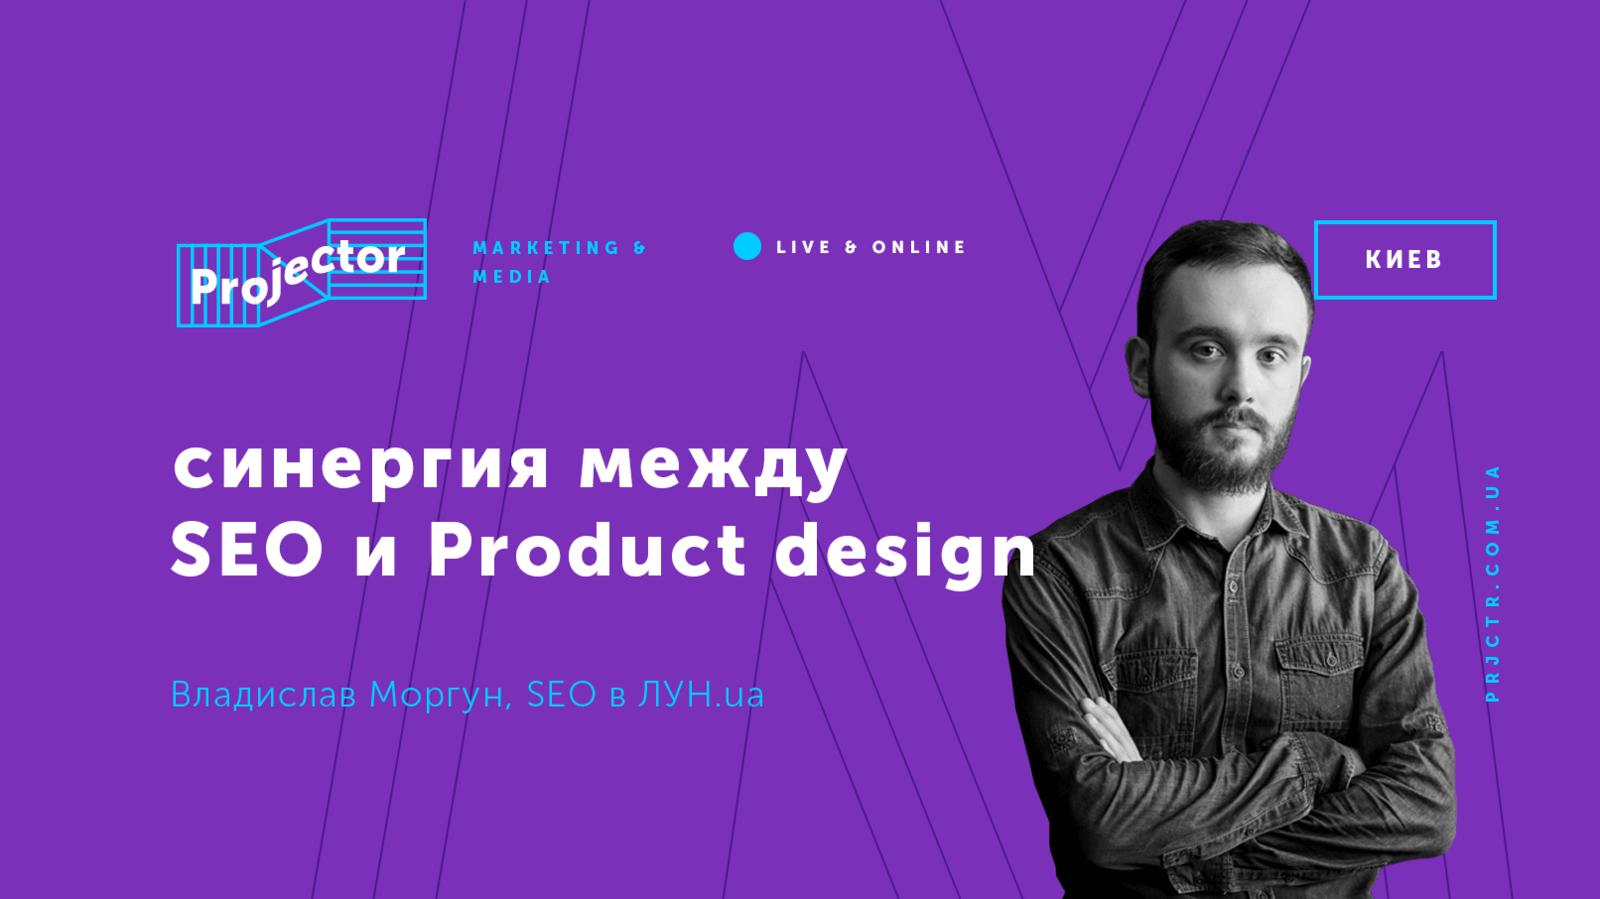 Синергия между SEO и Product design